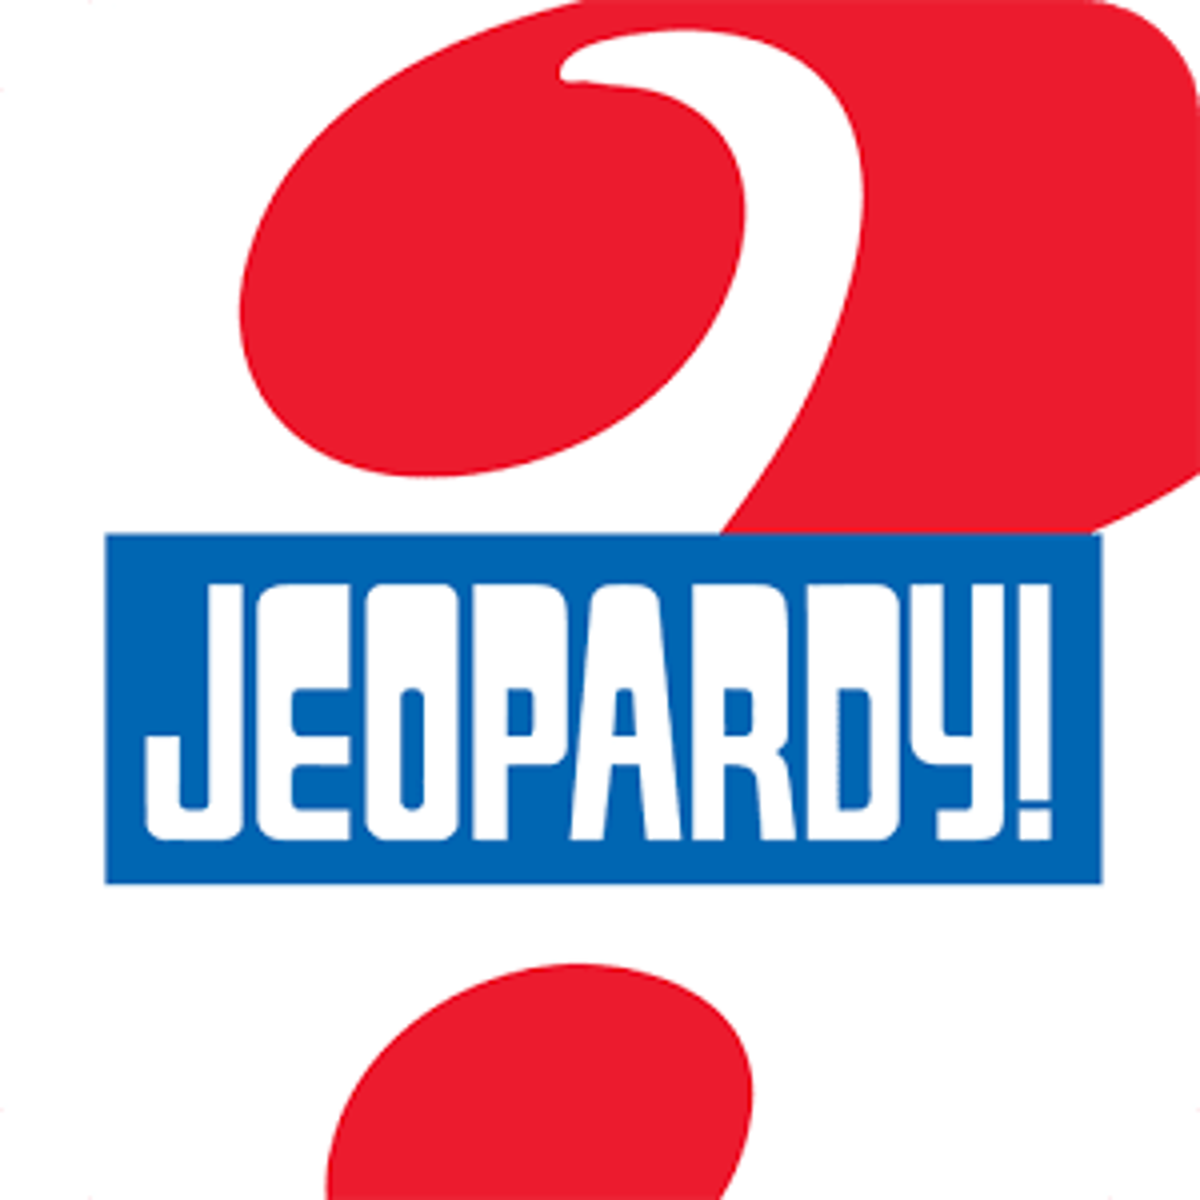 Jeopardy! HD